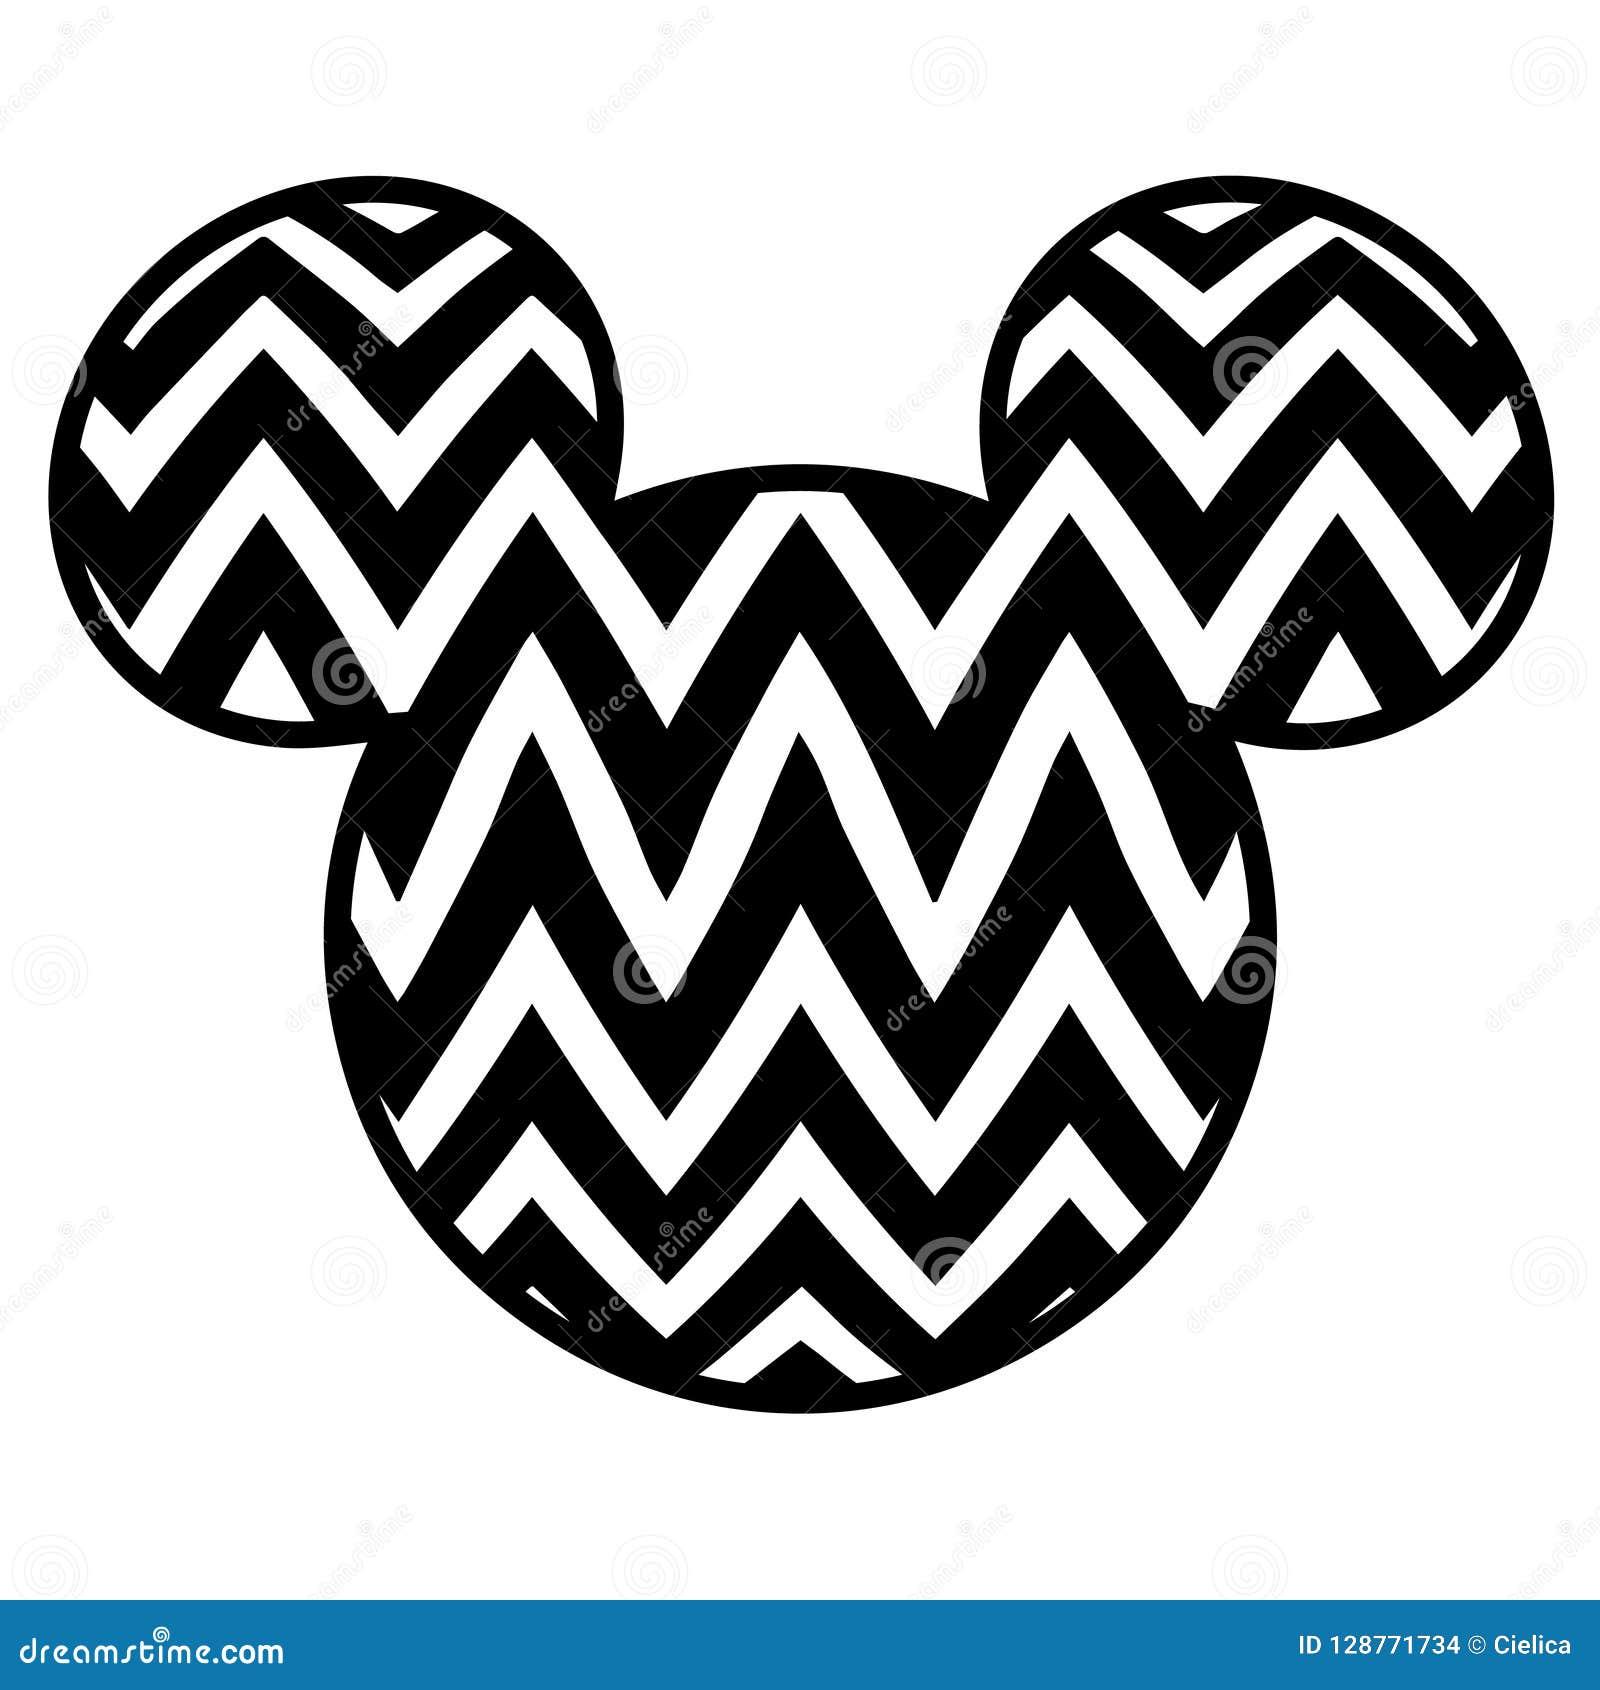 Hoofd vector het beeld zwart-wit scherp dossier van Mickey Mouse